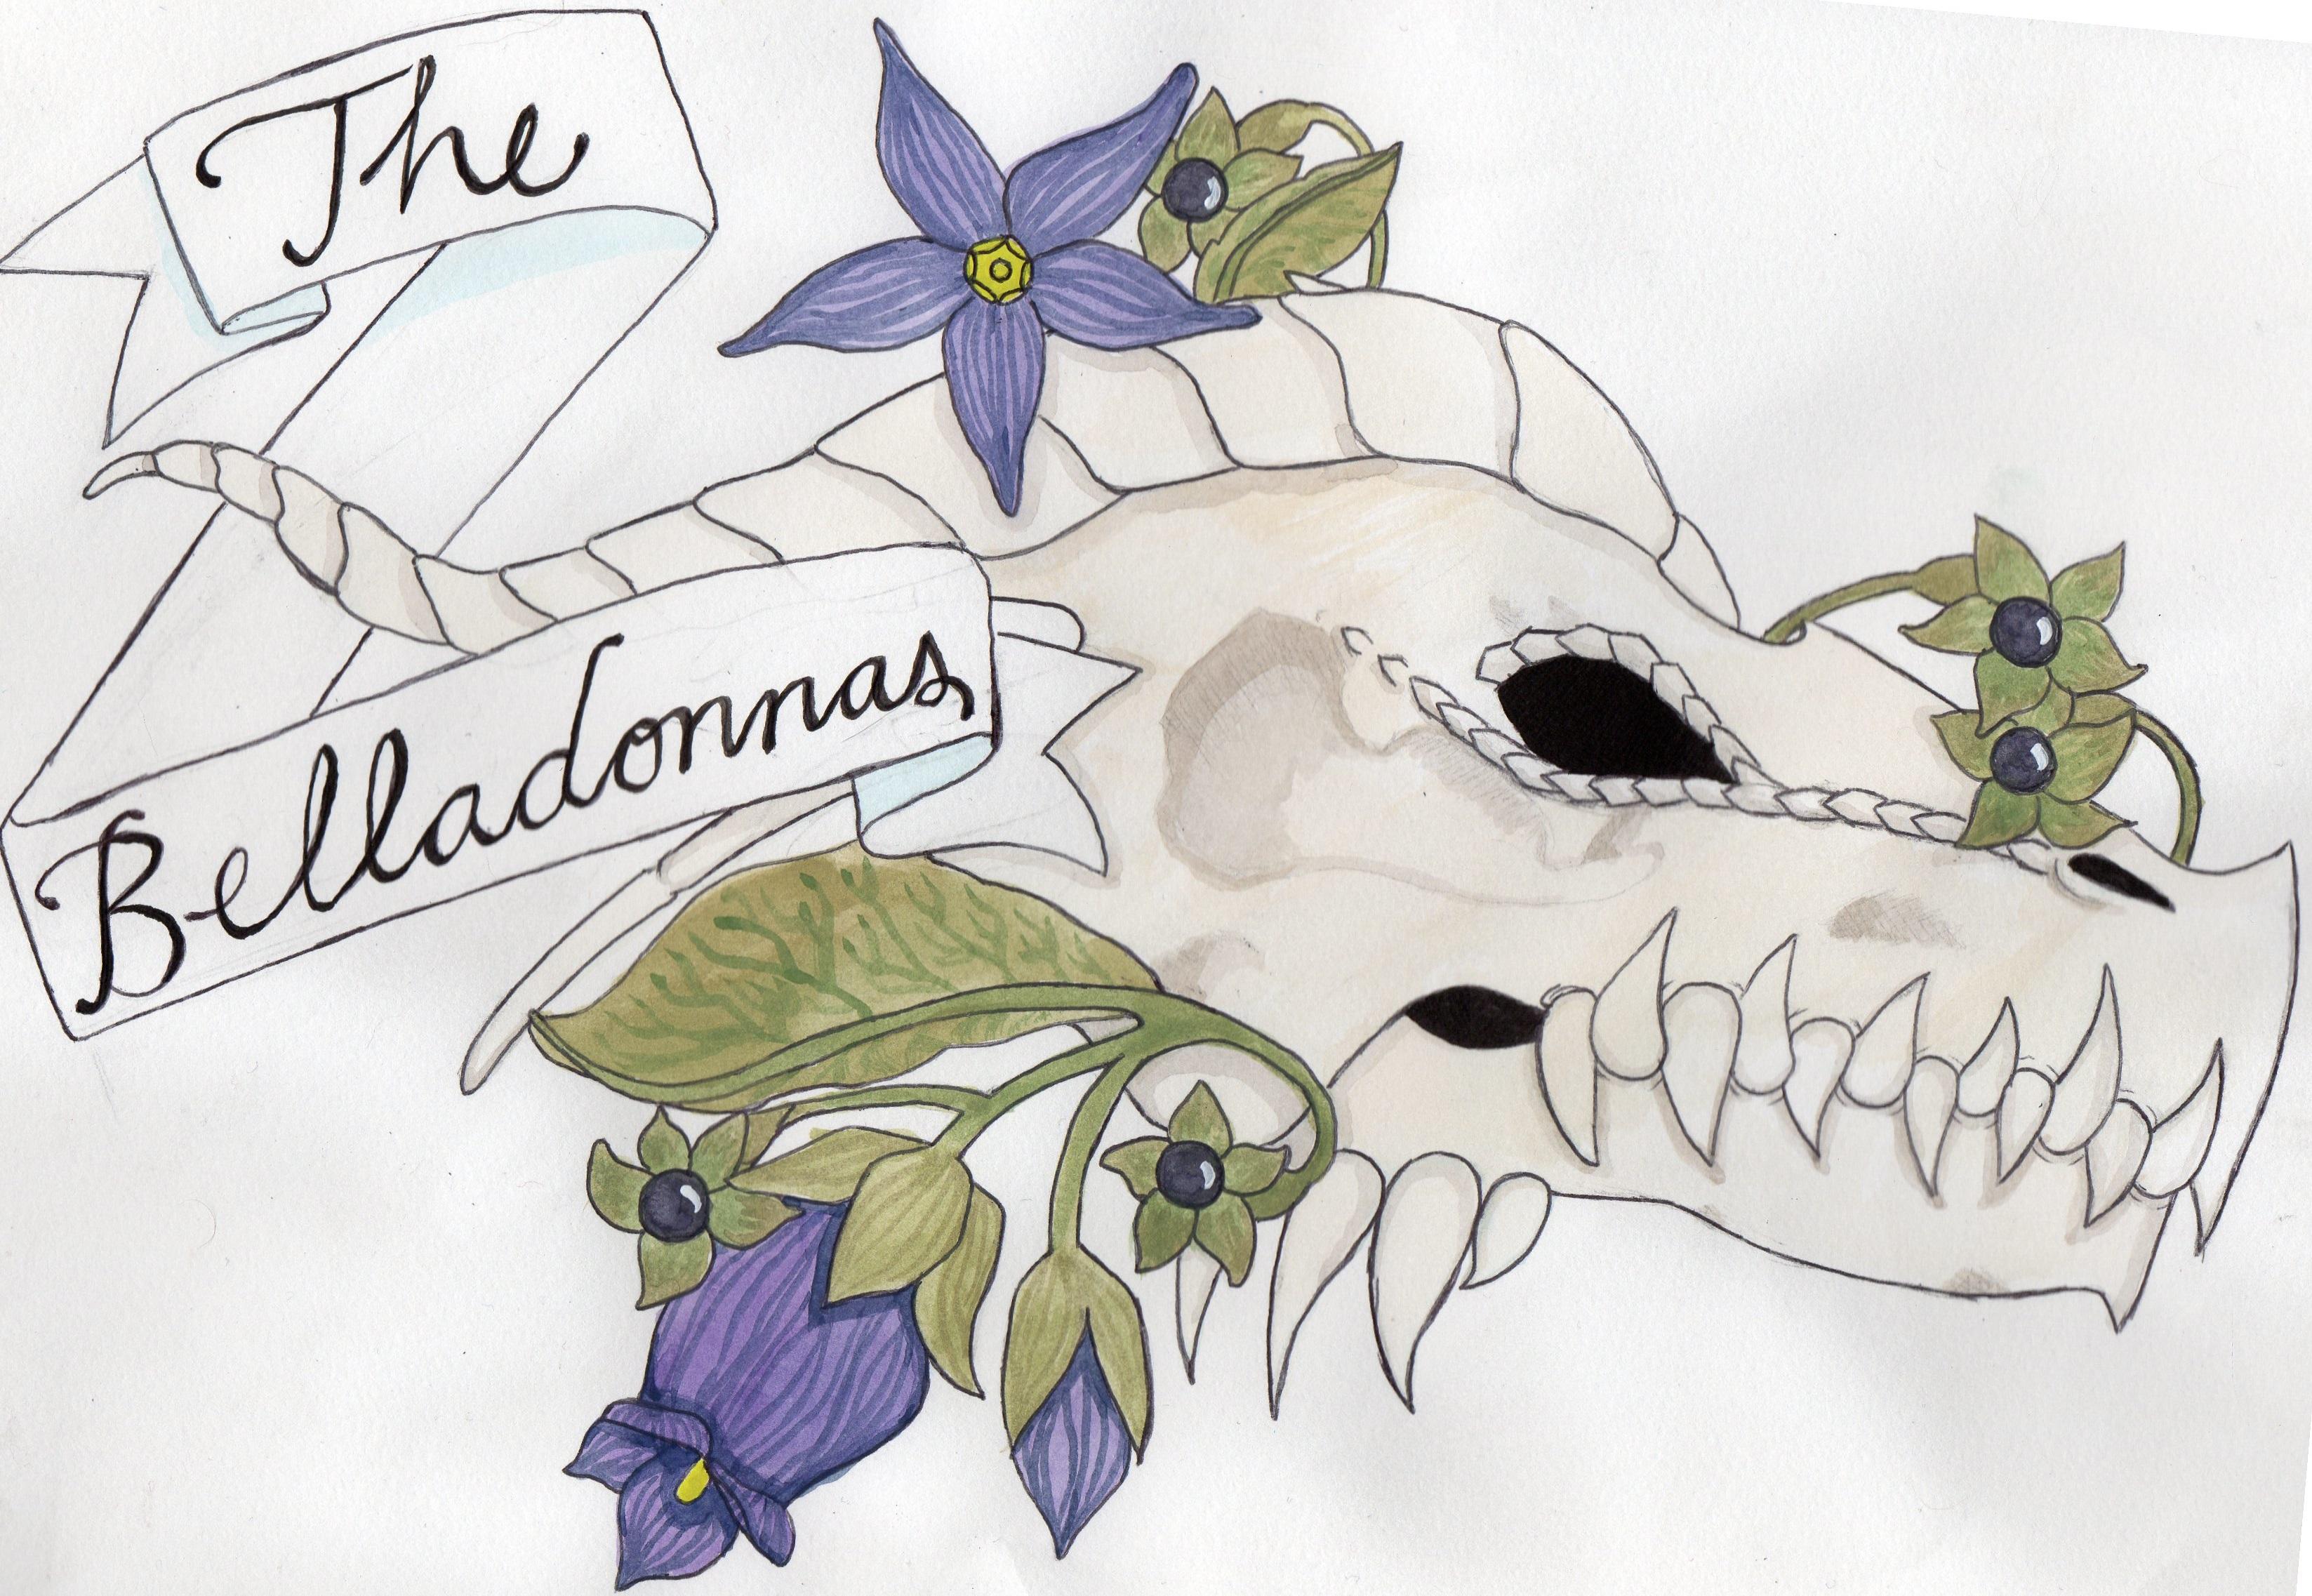 Symbol of the Belladonnas